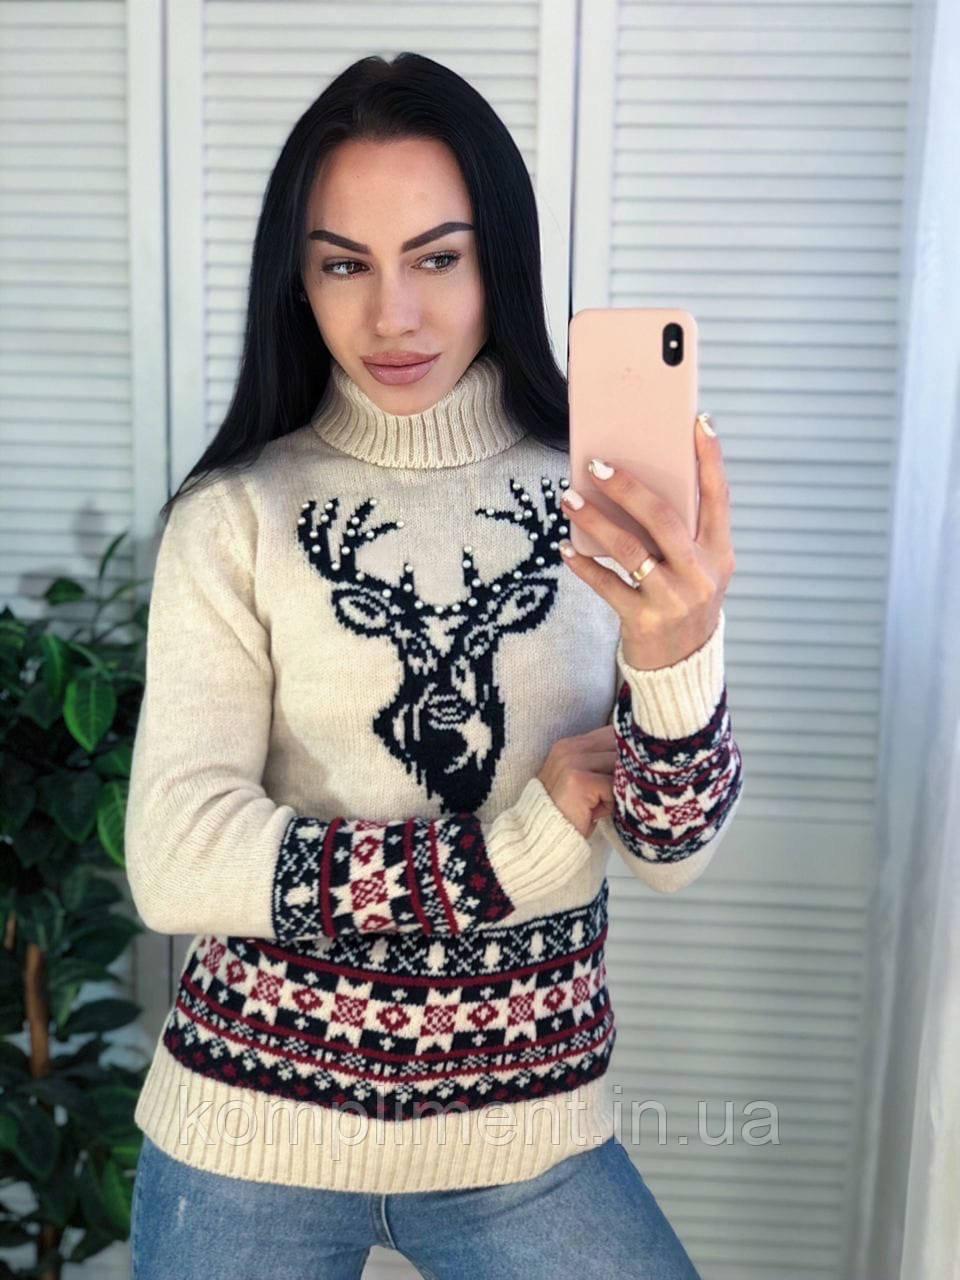 Вязаный свитер женский шерстяной с рисунком,молоко .Производство Турция.NВ 7004